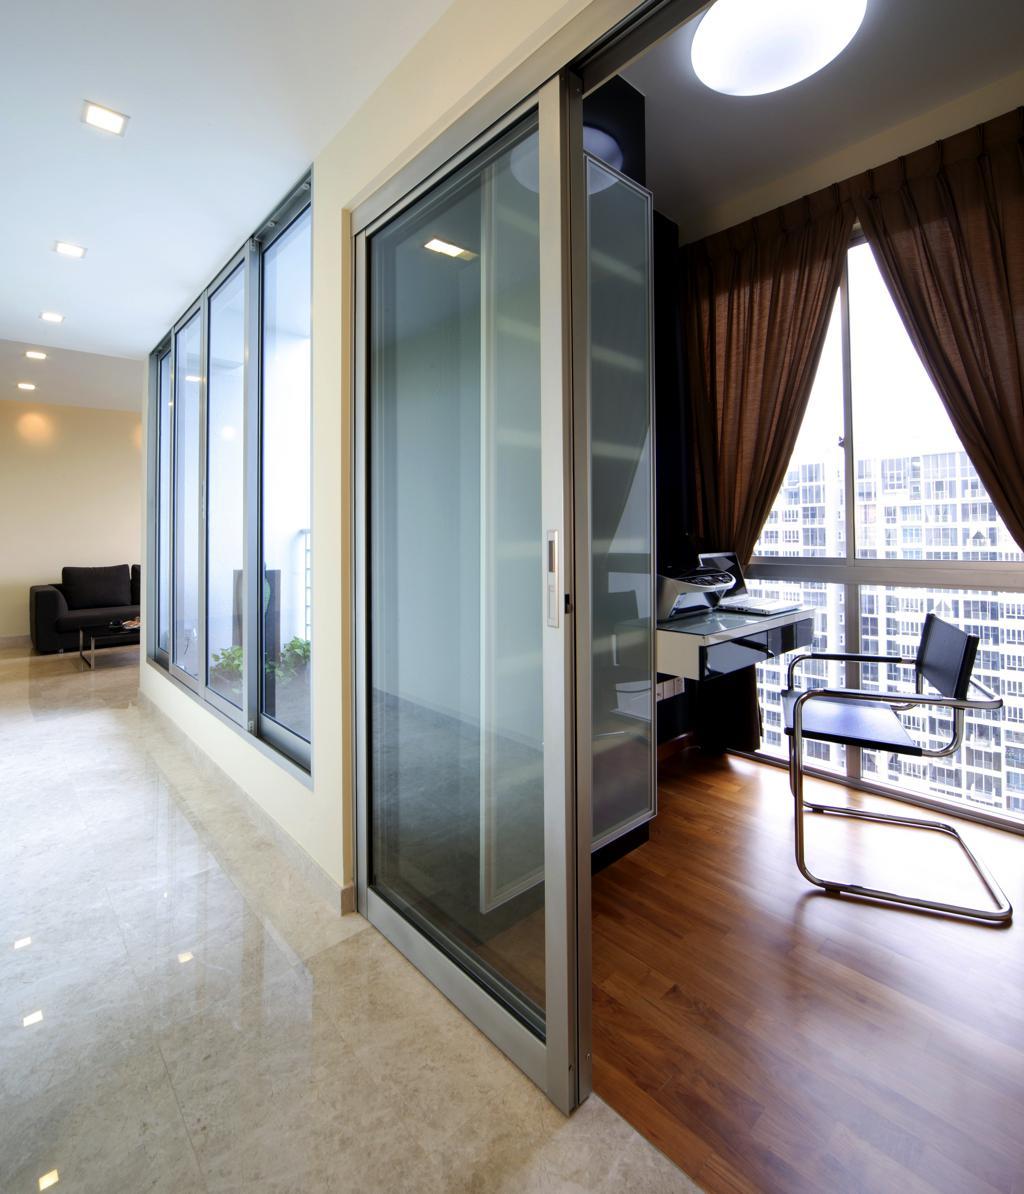 Study Room Interior Design: Grandeur-condo-interior-study-room-design